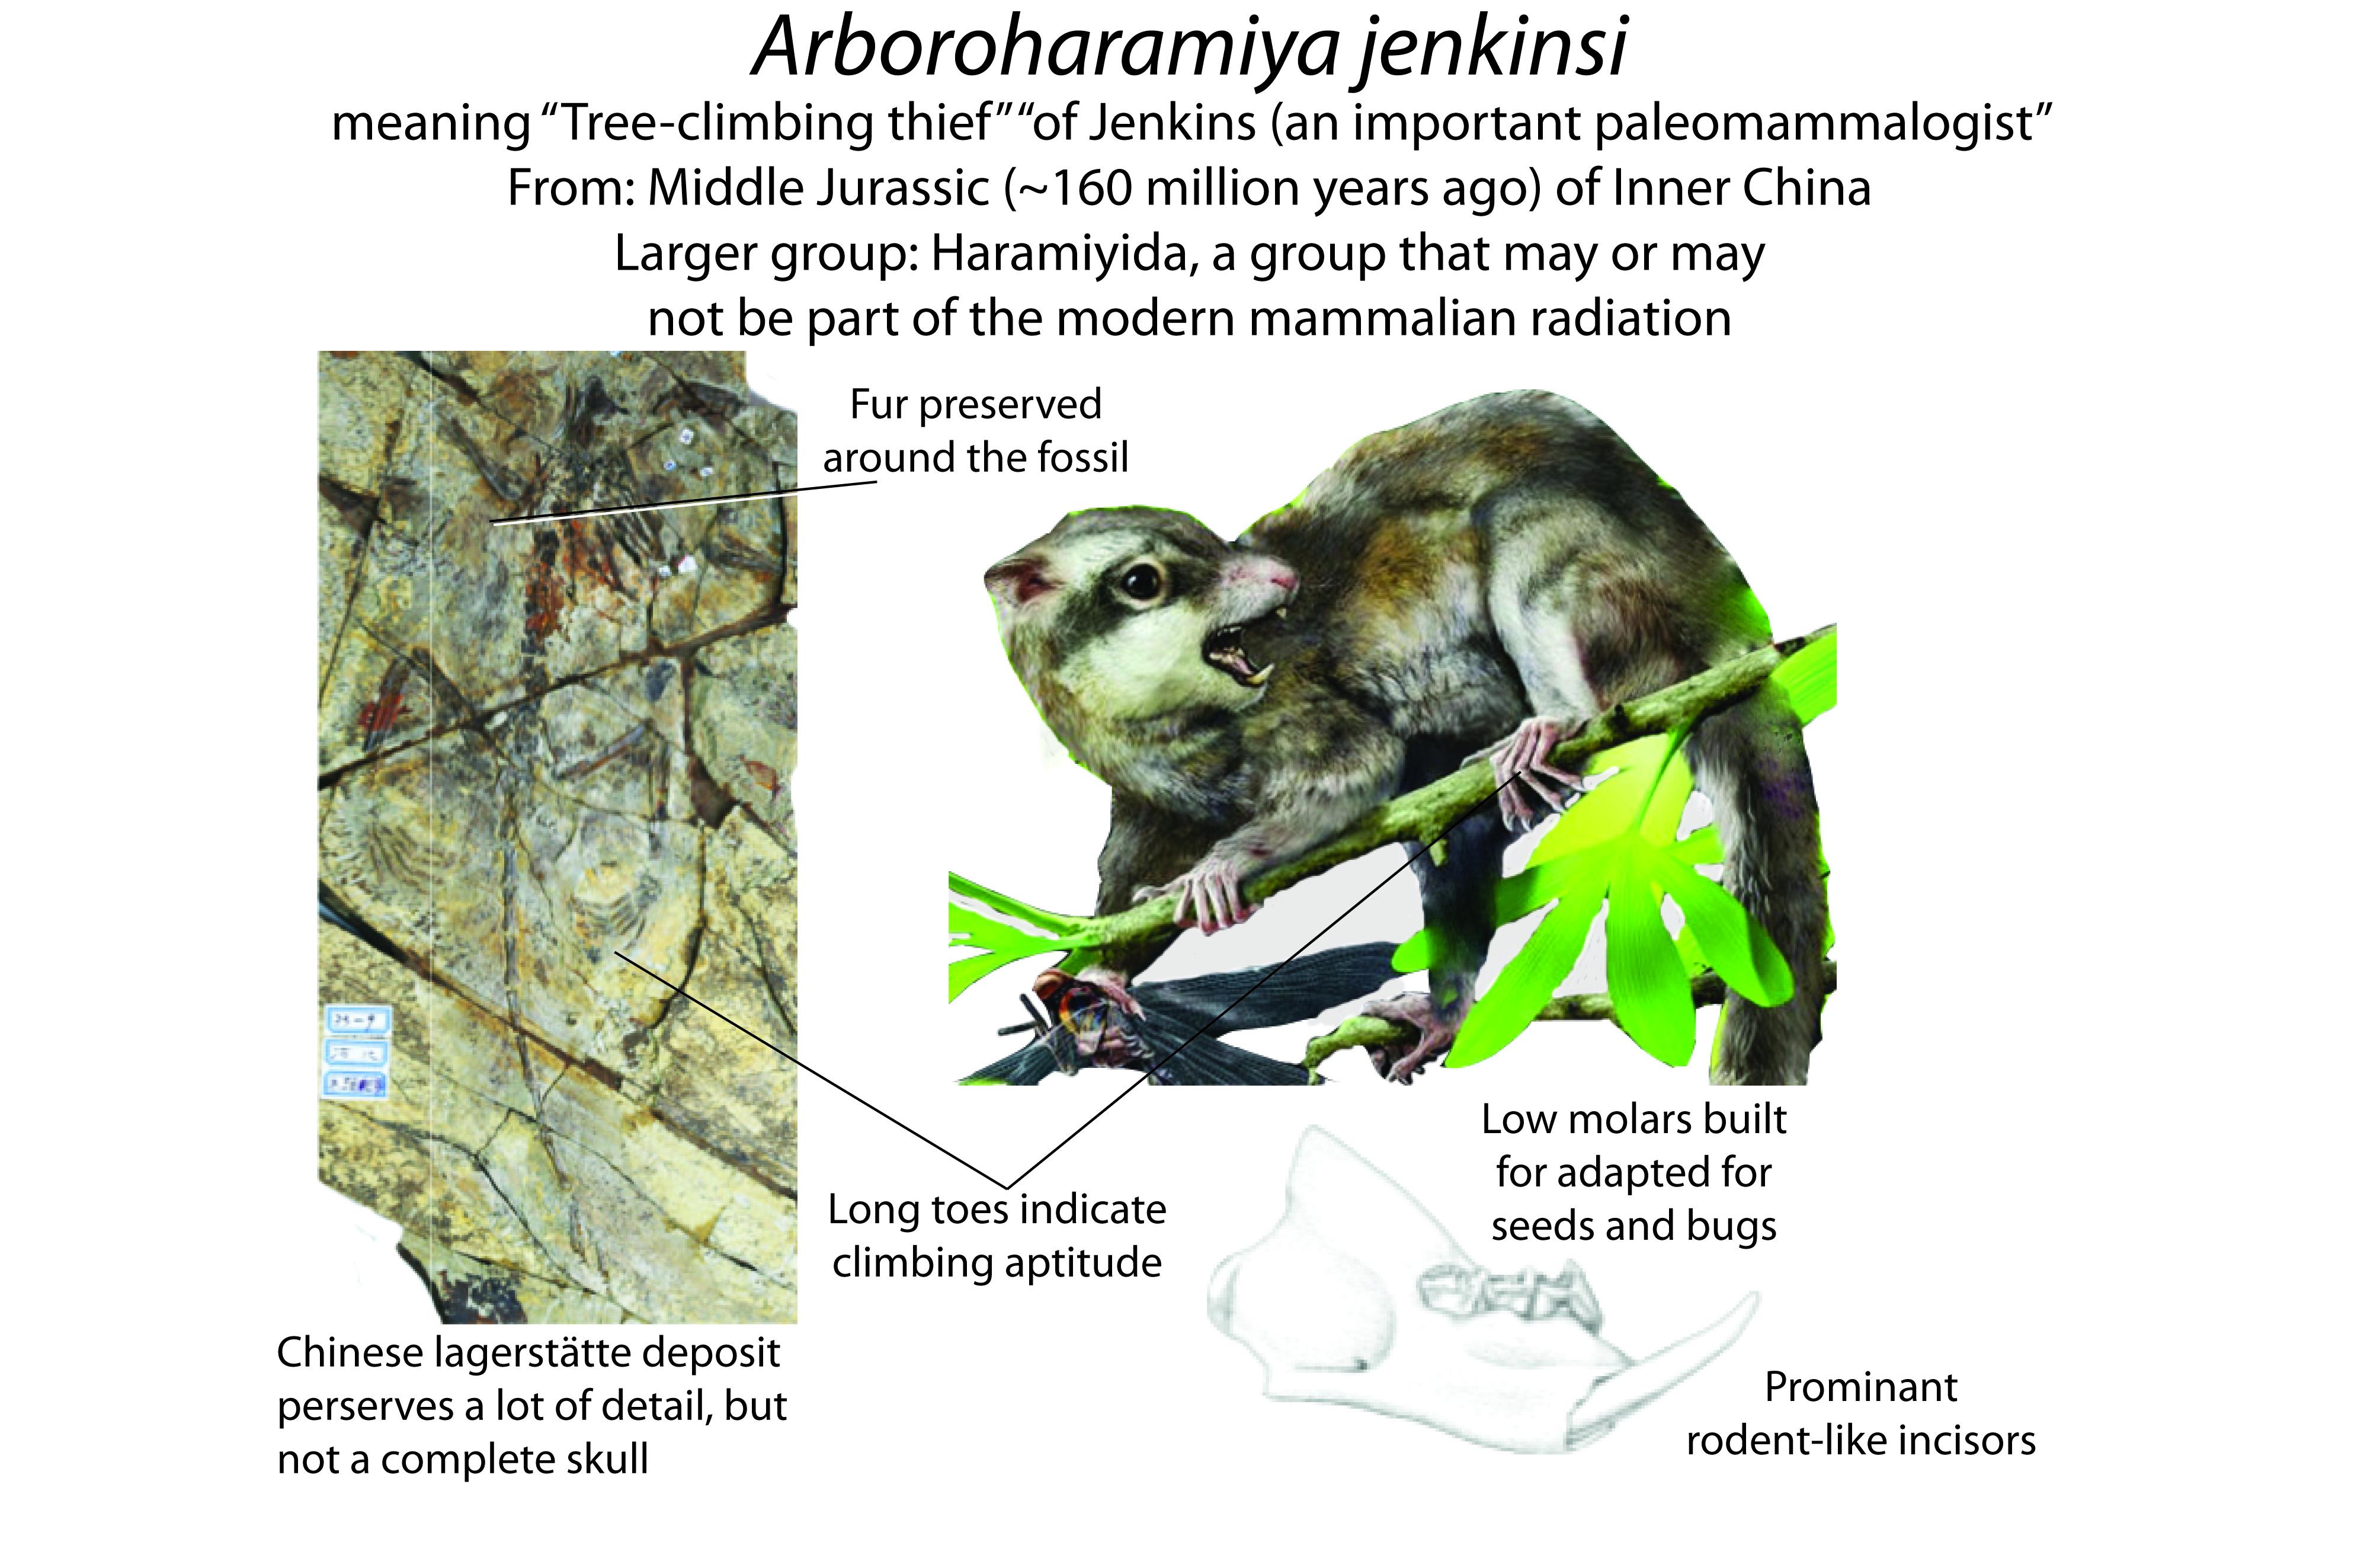 Arboroharamiya